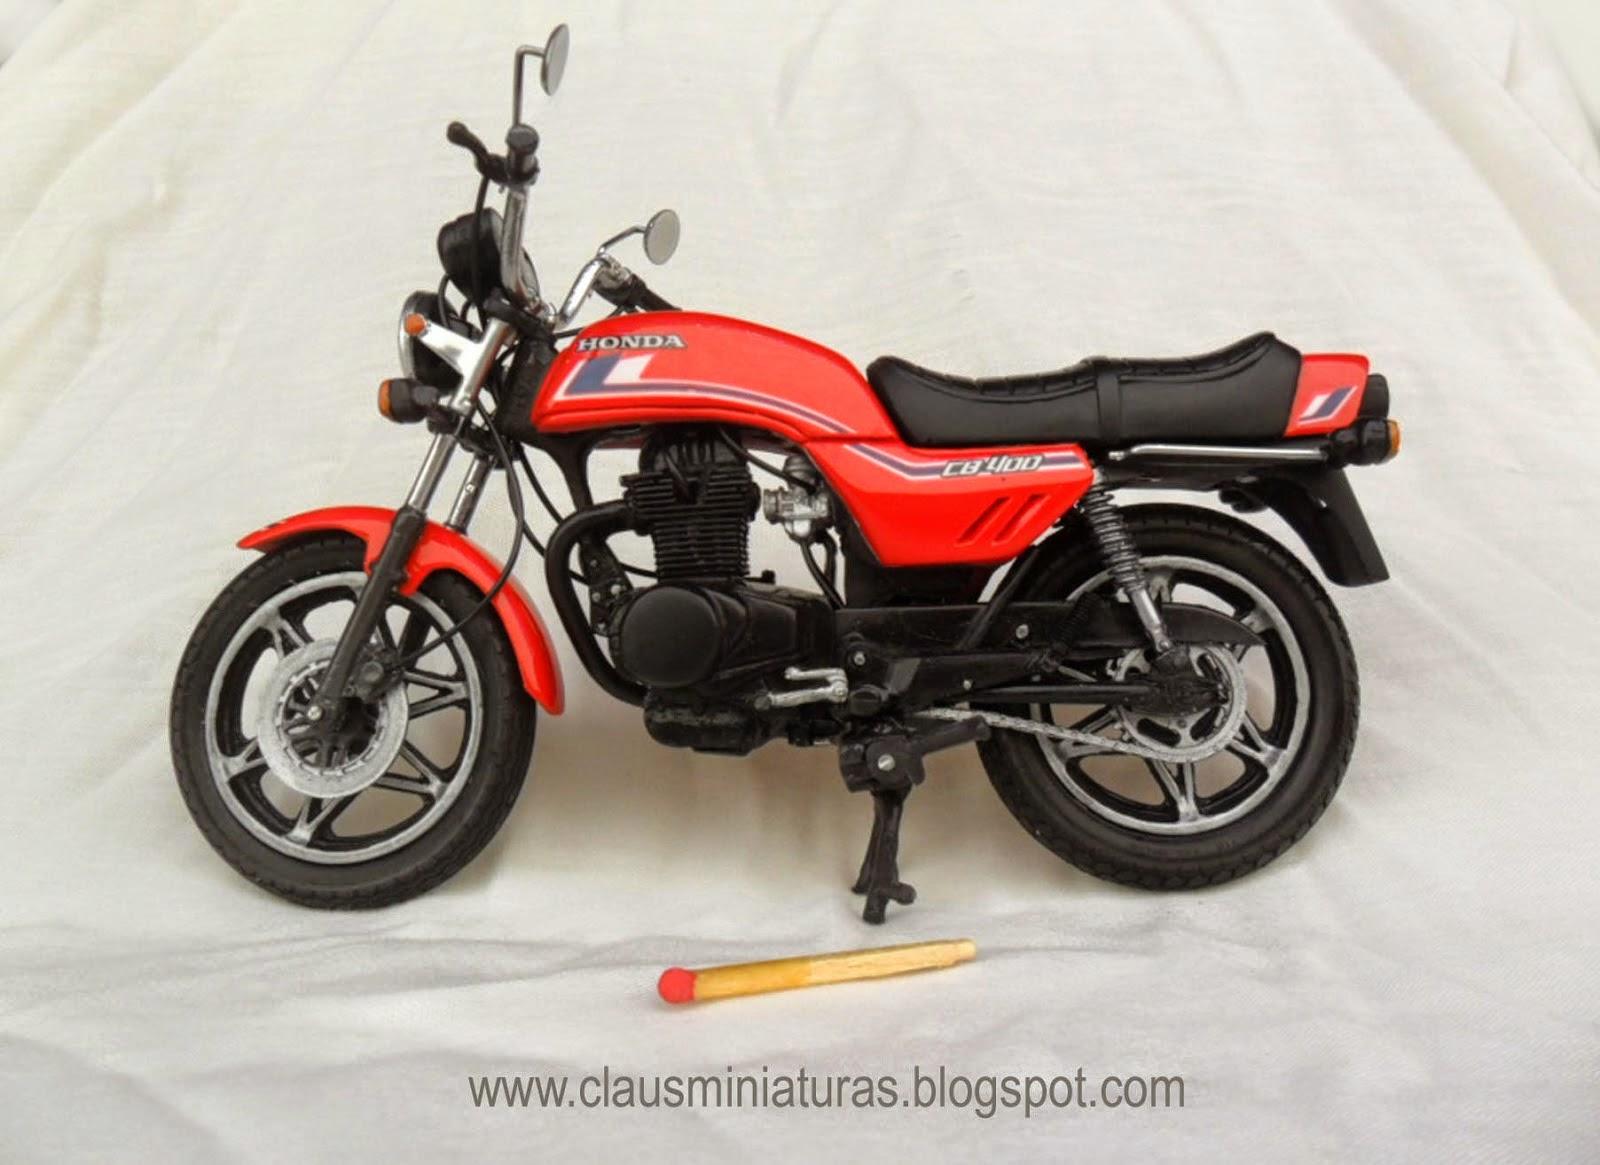 Miniatura+CB+400+1983+vermelha+motor+preto+c - NOS MÍNIMOS DETALHES!